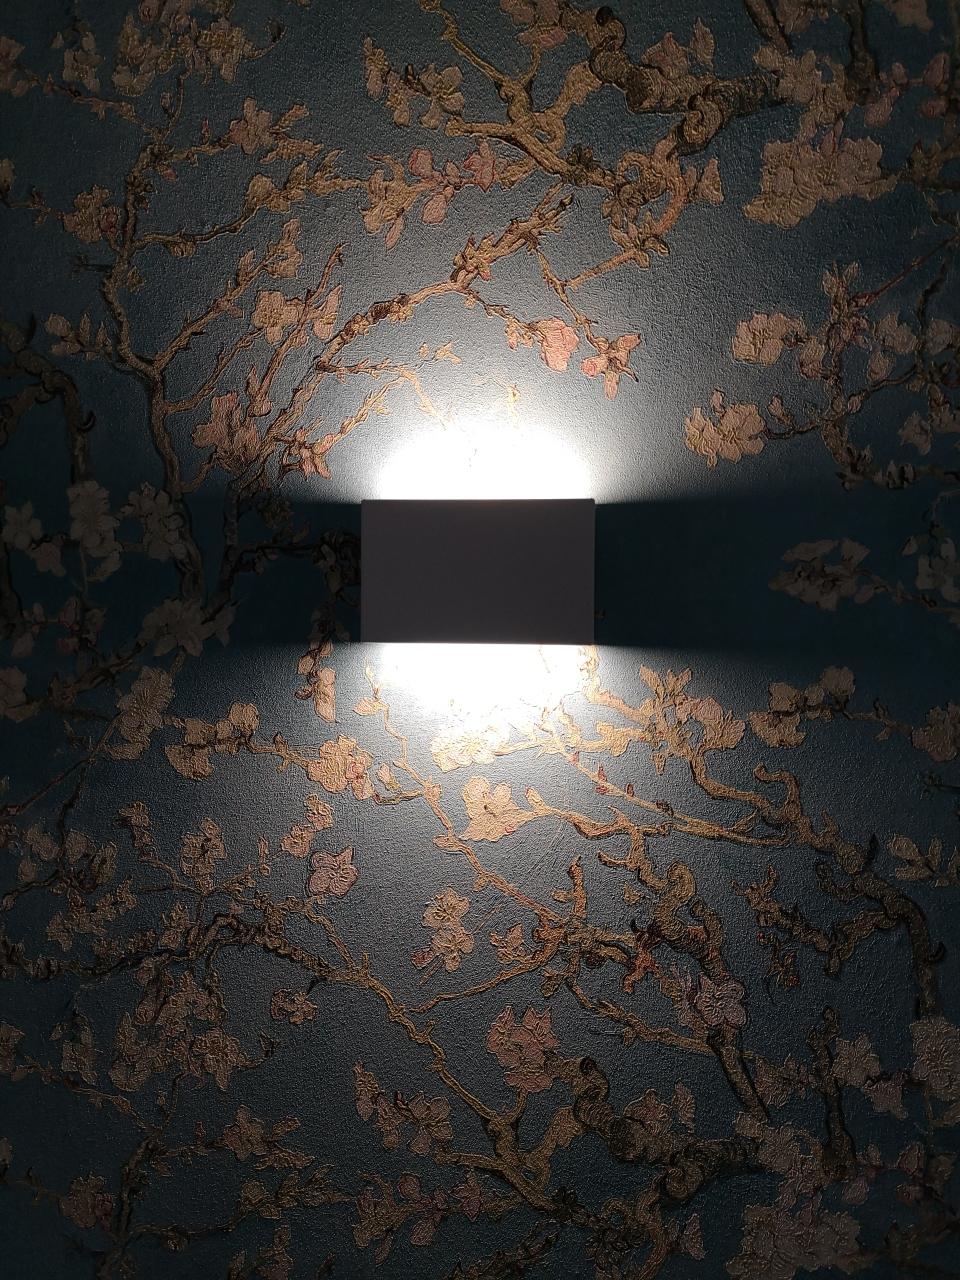 Es wurden von Fachfirmen spezielle Lichtkonzepte erstellt, alles wurde genau berechnet und angepasst. Selbstverständlich kommt nur energiesparende LED Technik zum Einsatz, die zudem noch von allen Schaltpunkten aus gedimmt werden kann, um für Sie die schönste Atmosphäre zu schaffen.